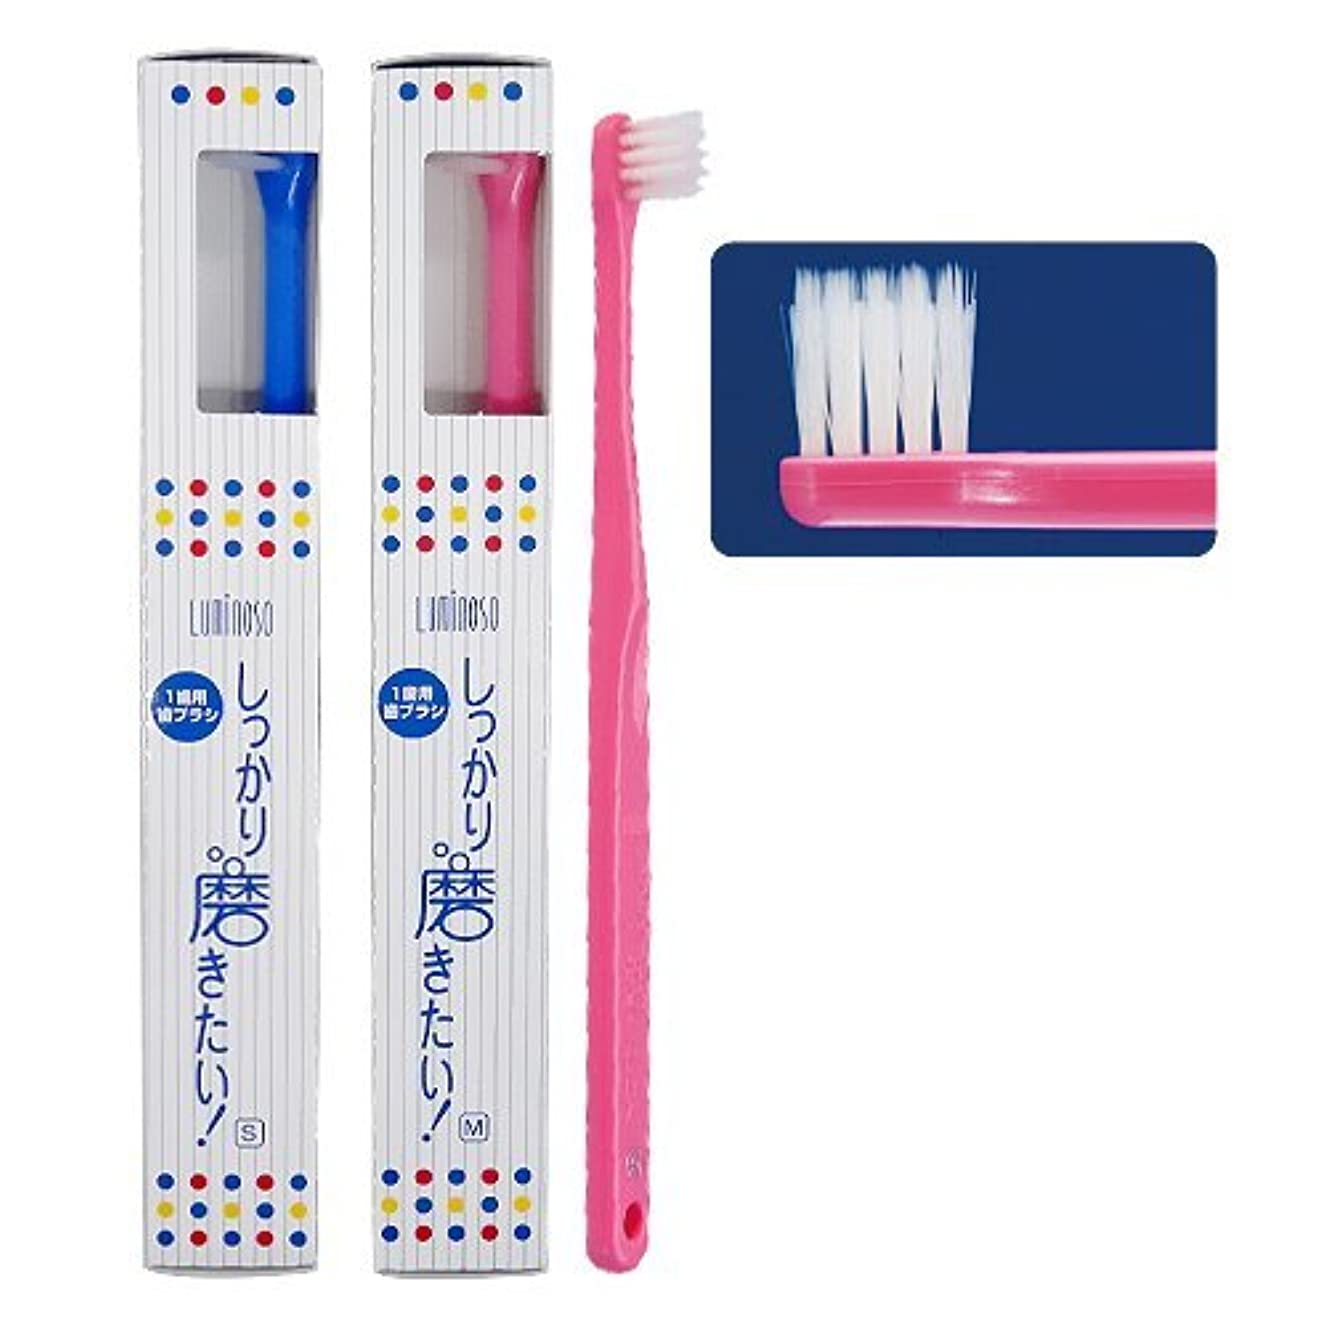 ホール健康的反対したルミノソ 1歯用歯ブラシ「しっかり磨きたい!」スタンダード ソフト (カラー指定不可) 5本